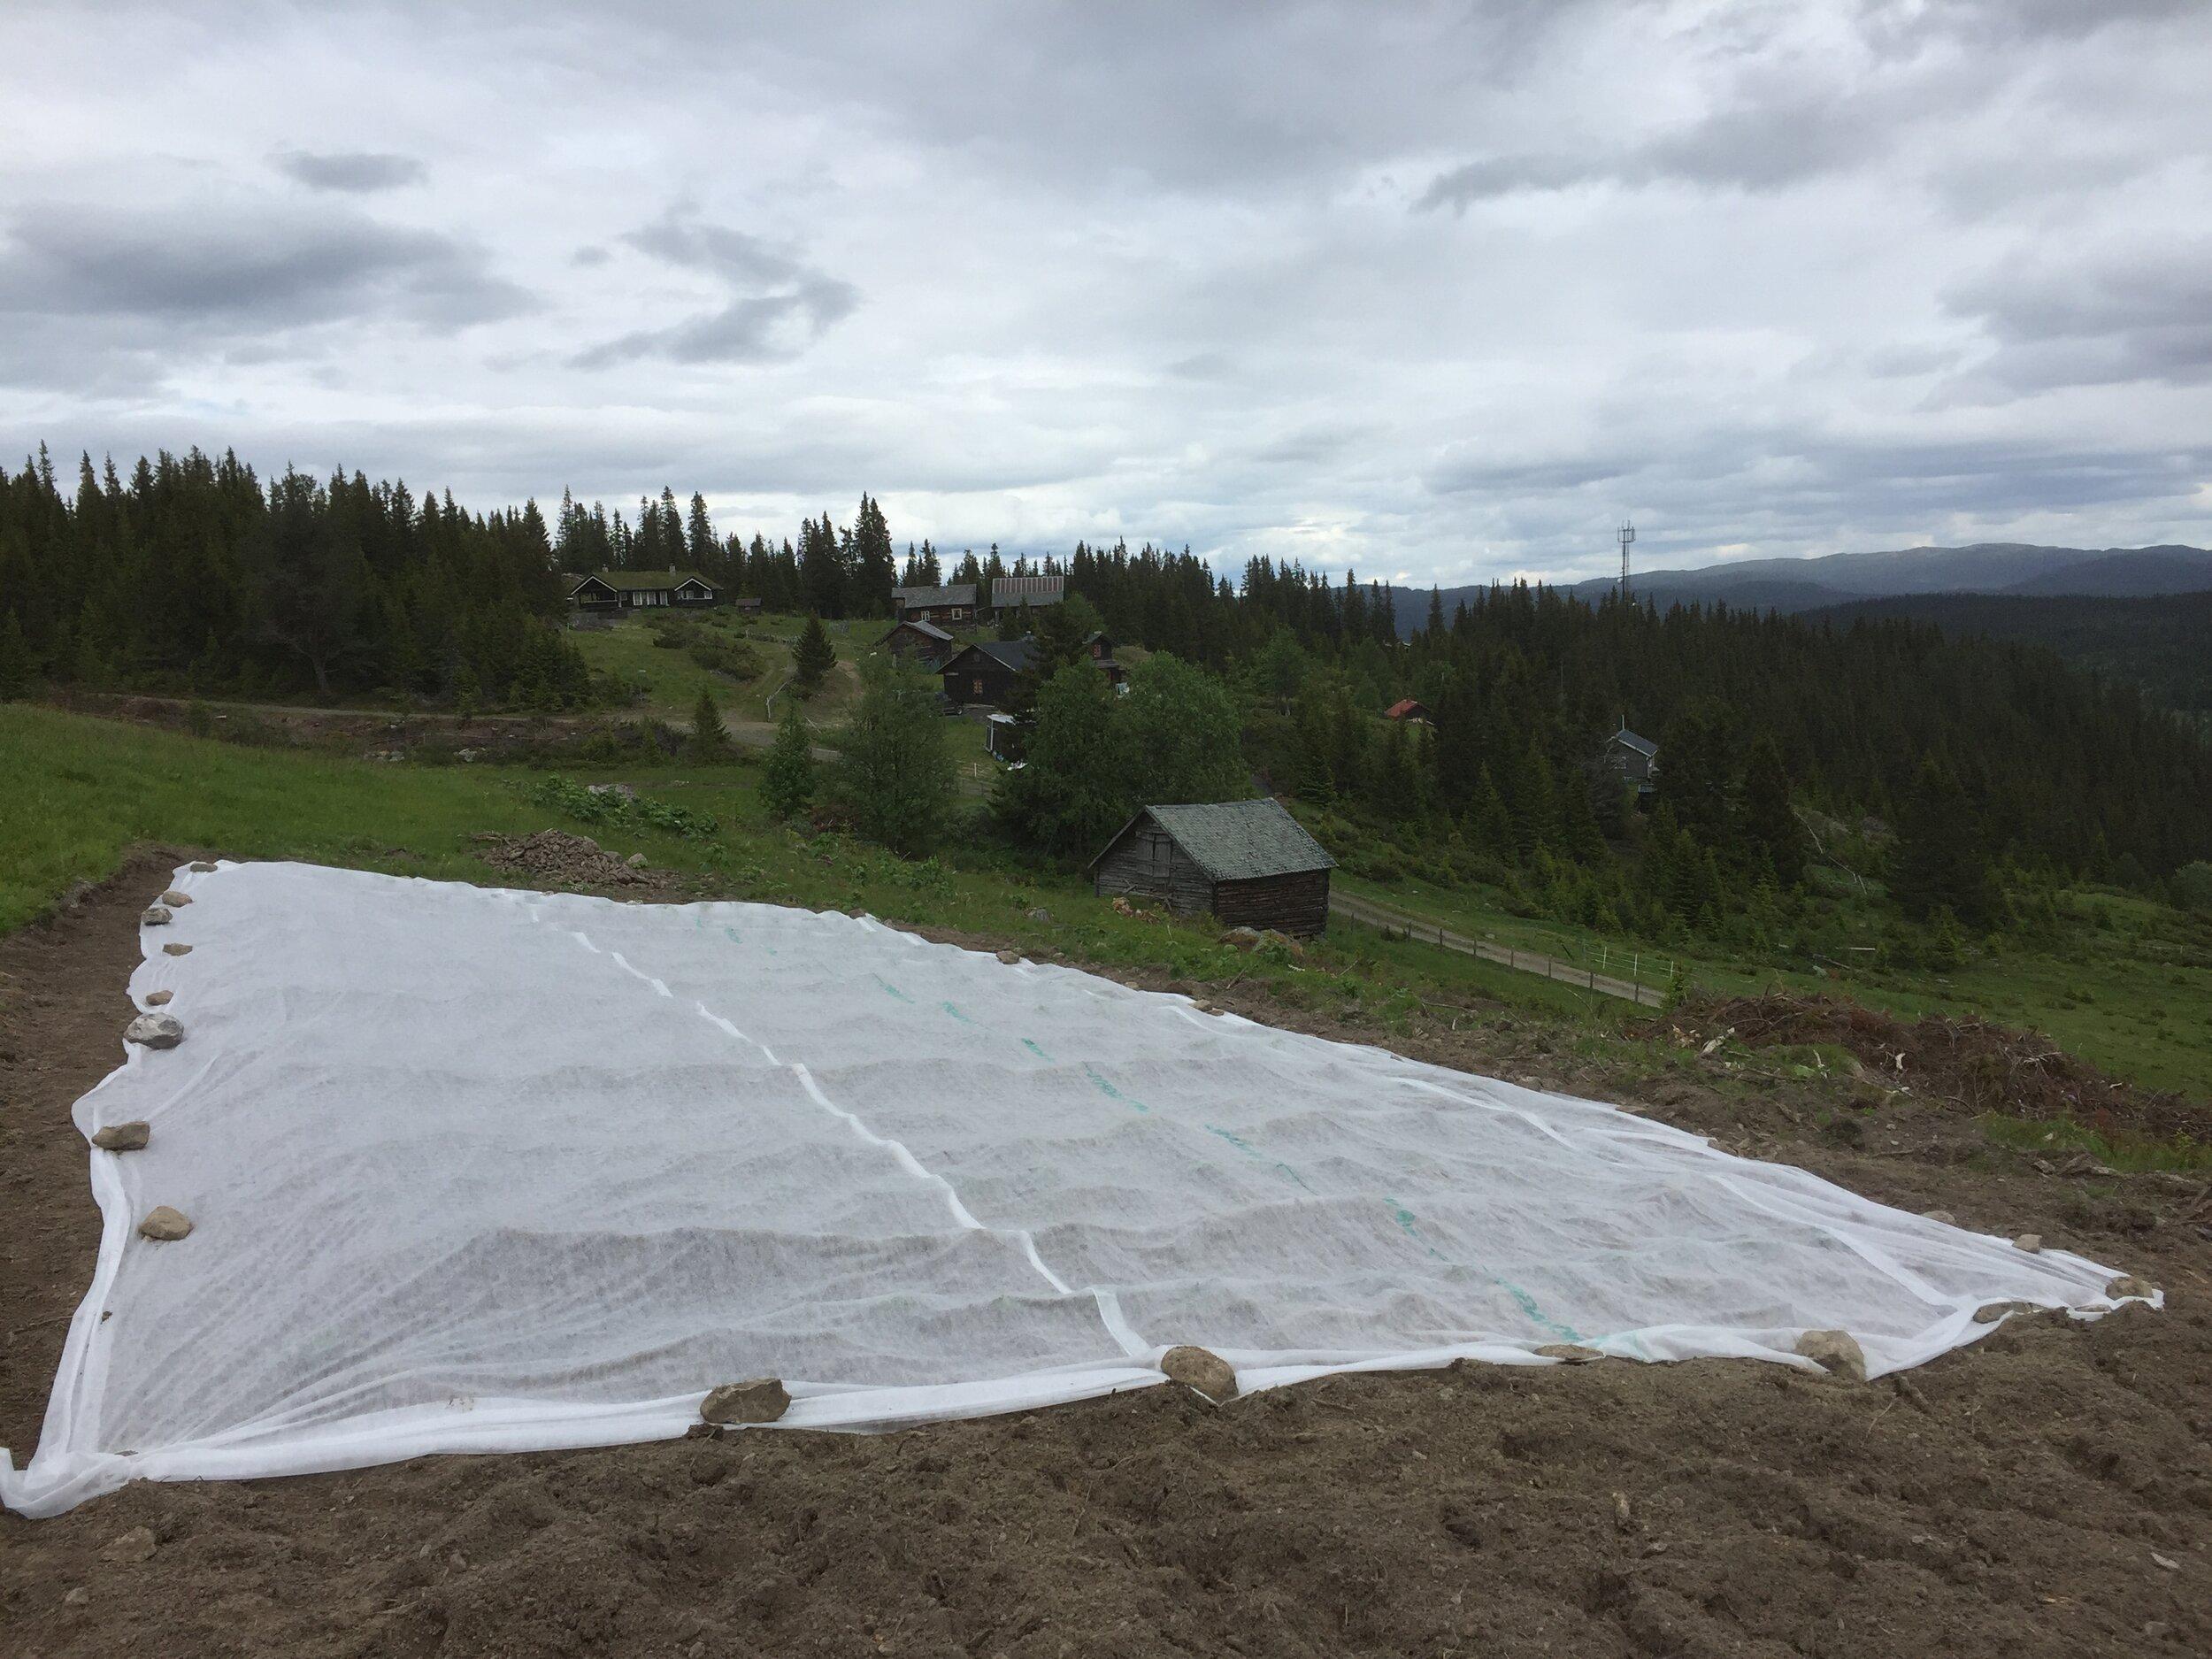 Ved å dyrke på en stølsvang 900 moh i Valdres trekker vi oppformeringen ut av potensielt smittefarlige områder og optimaliserer plantehelse til startkulturene. Foto Anders Nordrum